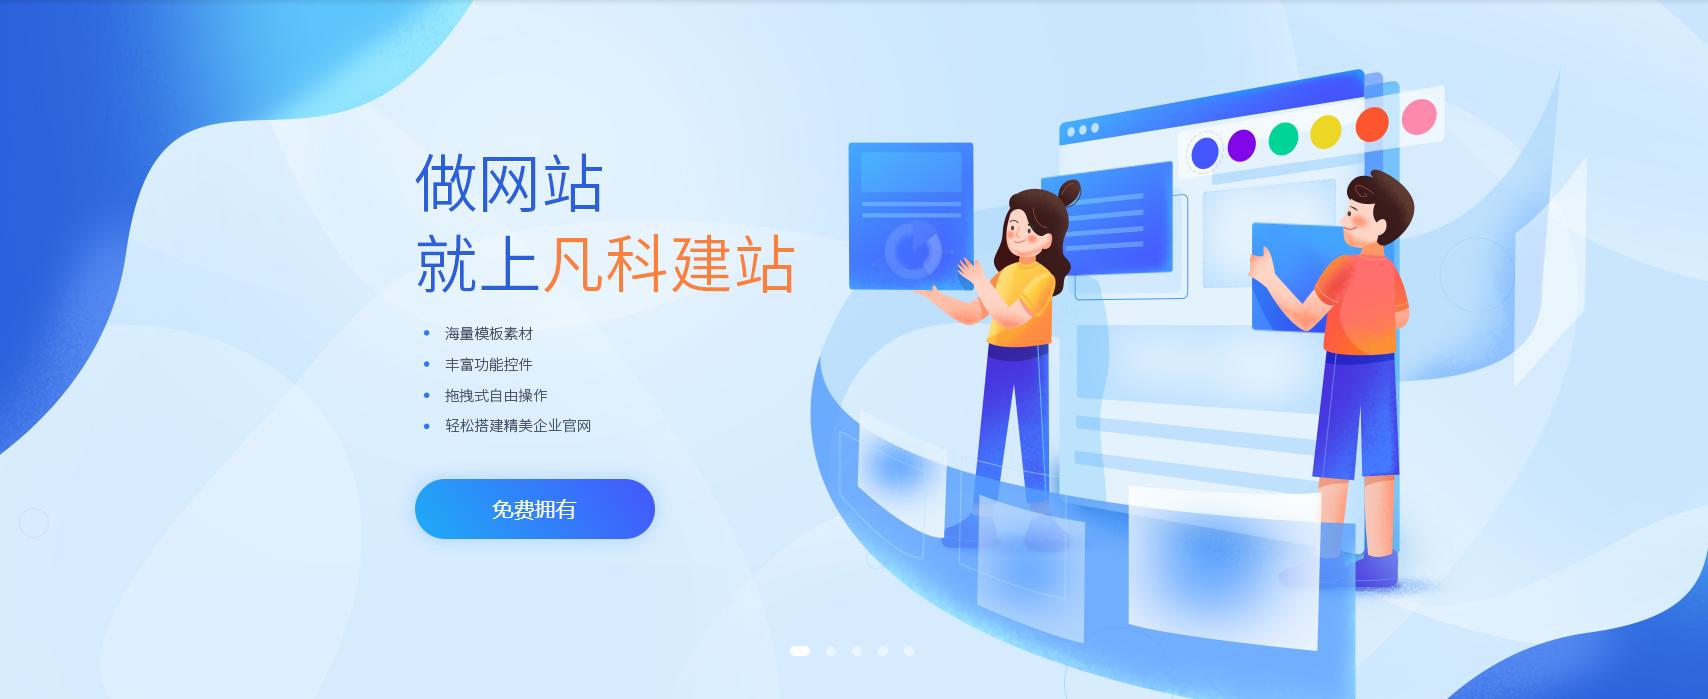 创建营销型网站